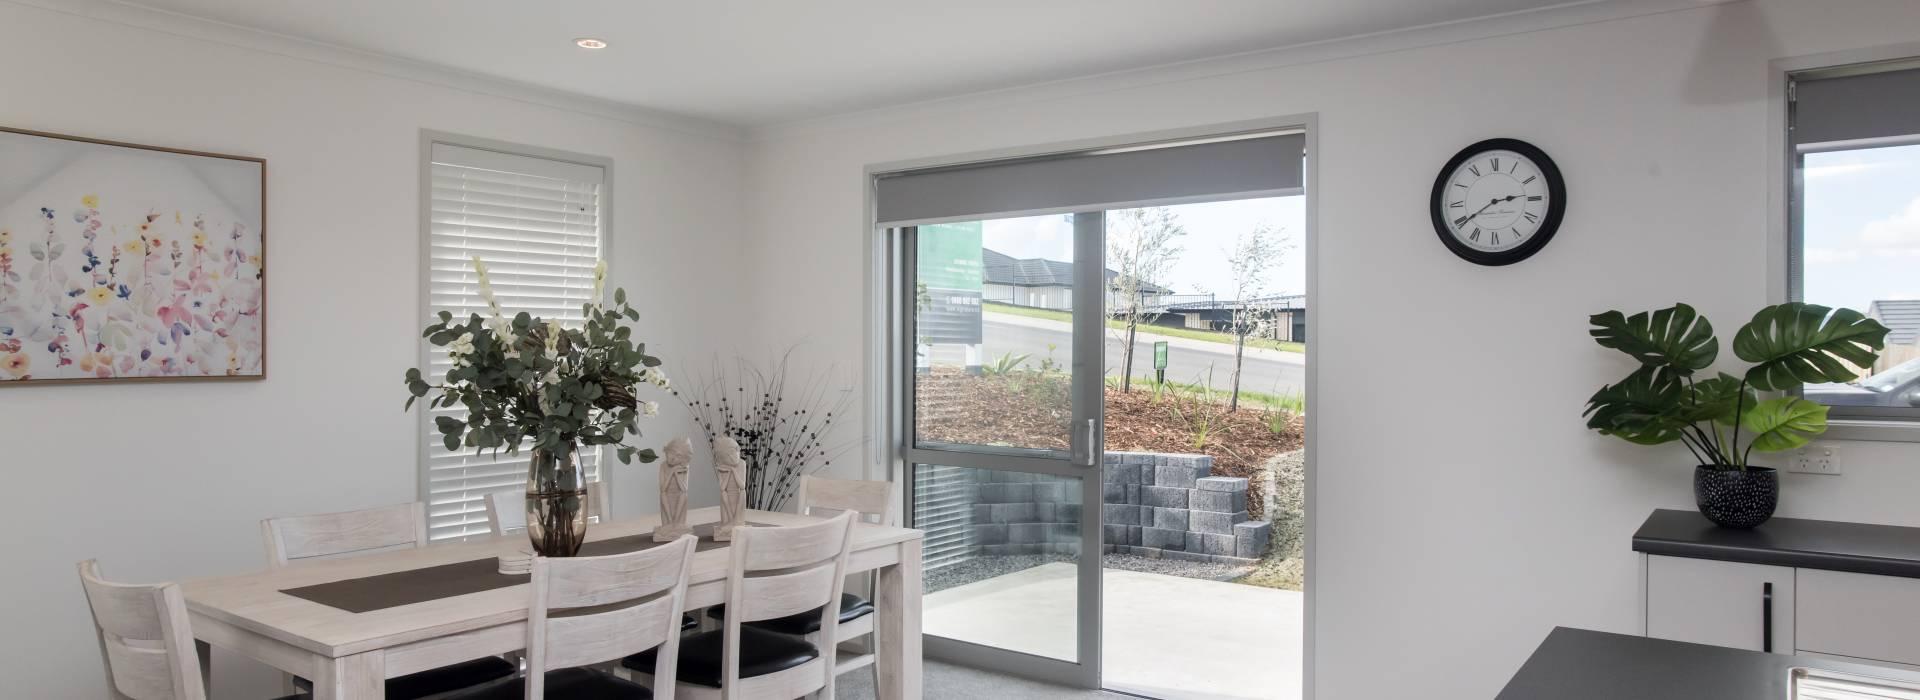 Signature Homes, Show Home - Kotata Heights, Whangarei